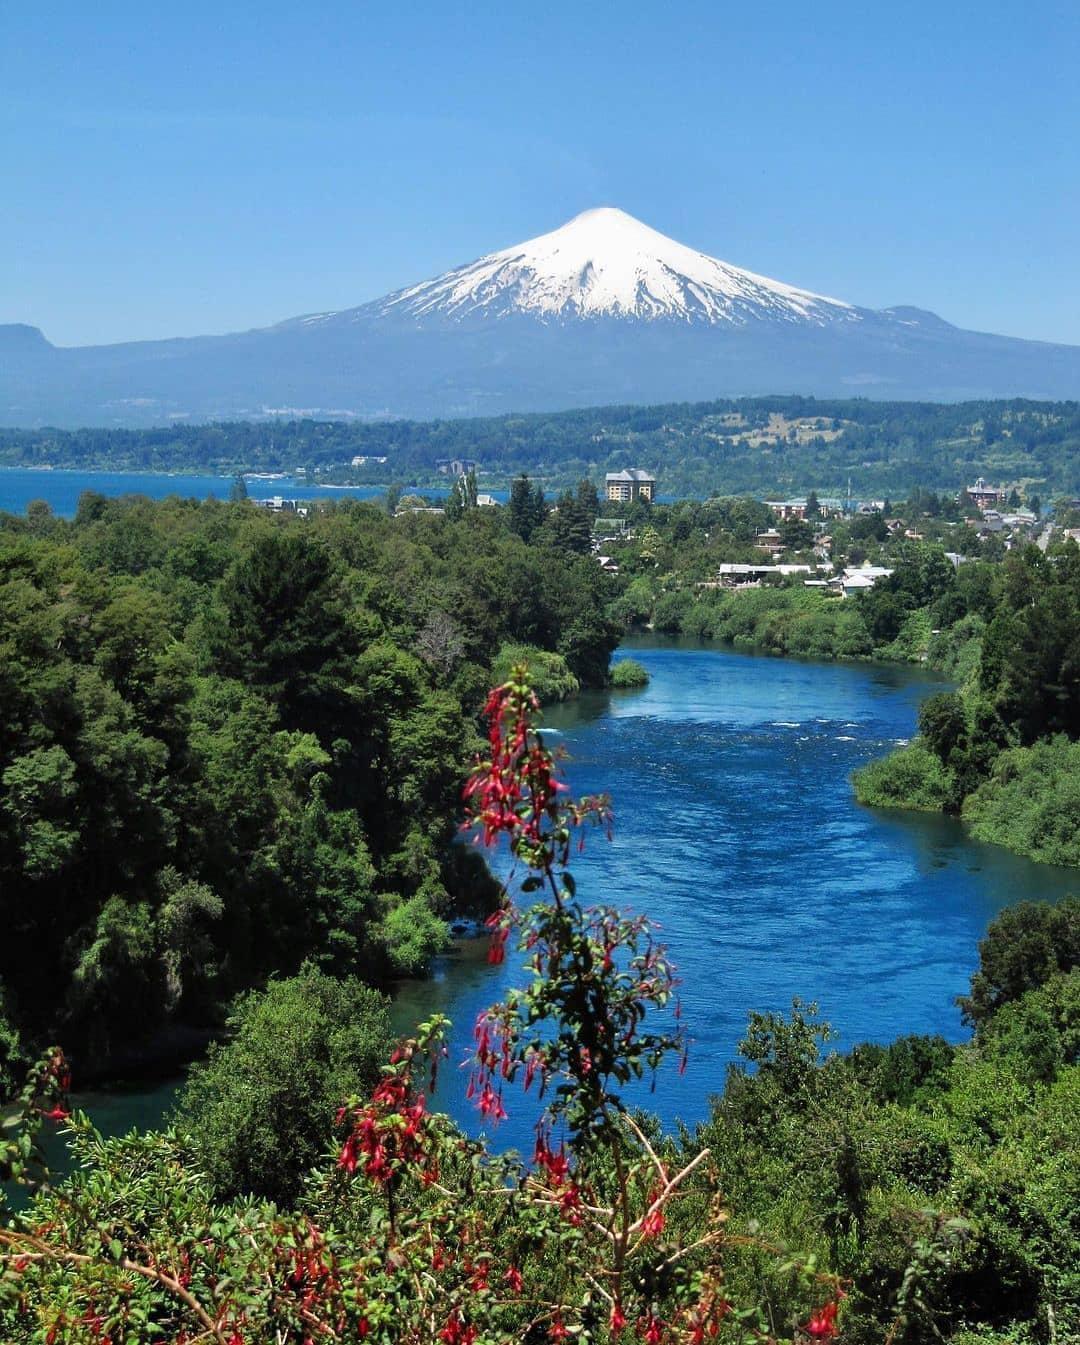 vista panorámica del río toltén con naturaleza y volcán villarica de fondo